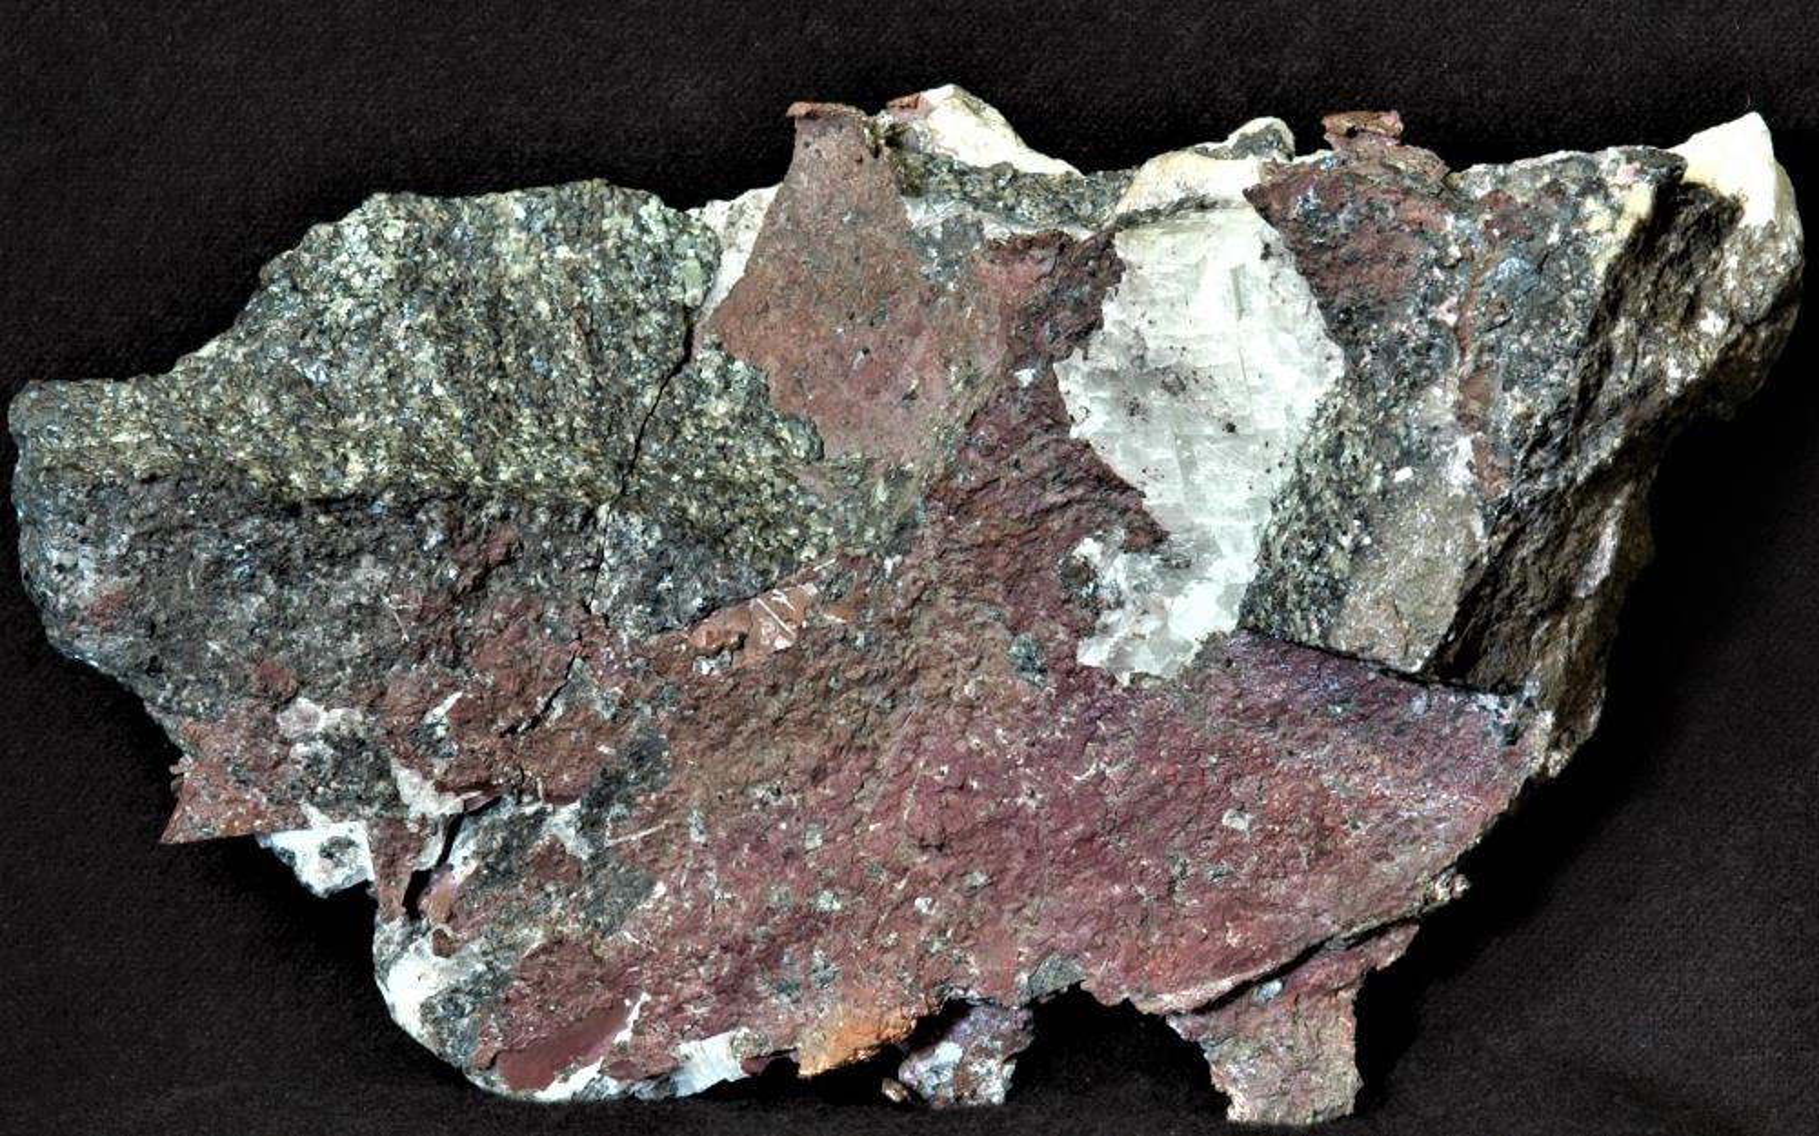 Copper, willemite, franklinite and minor calcite from Franklin, NJ.